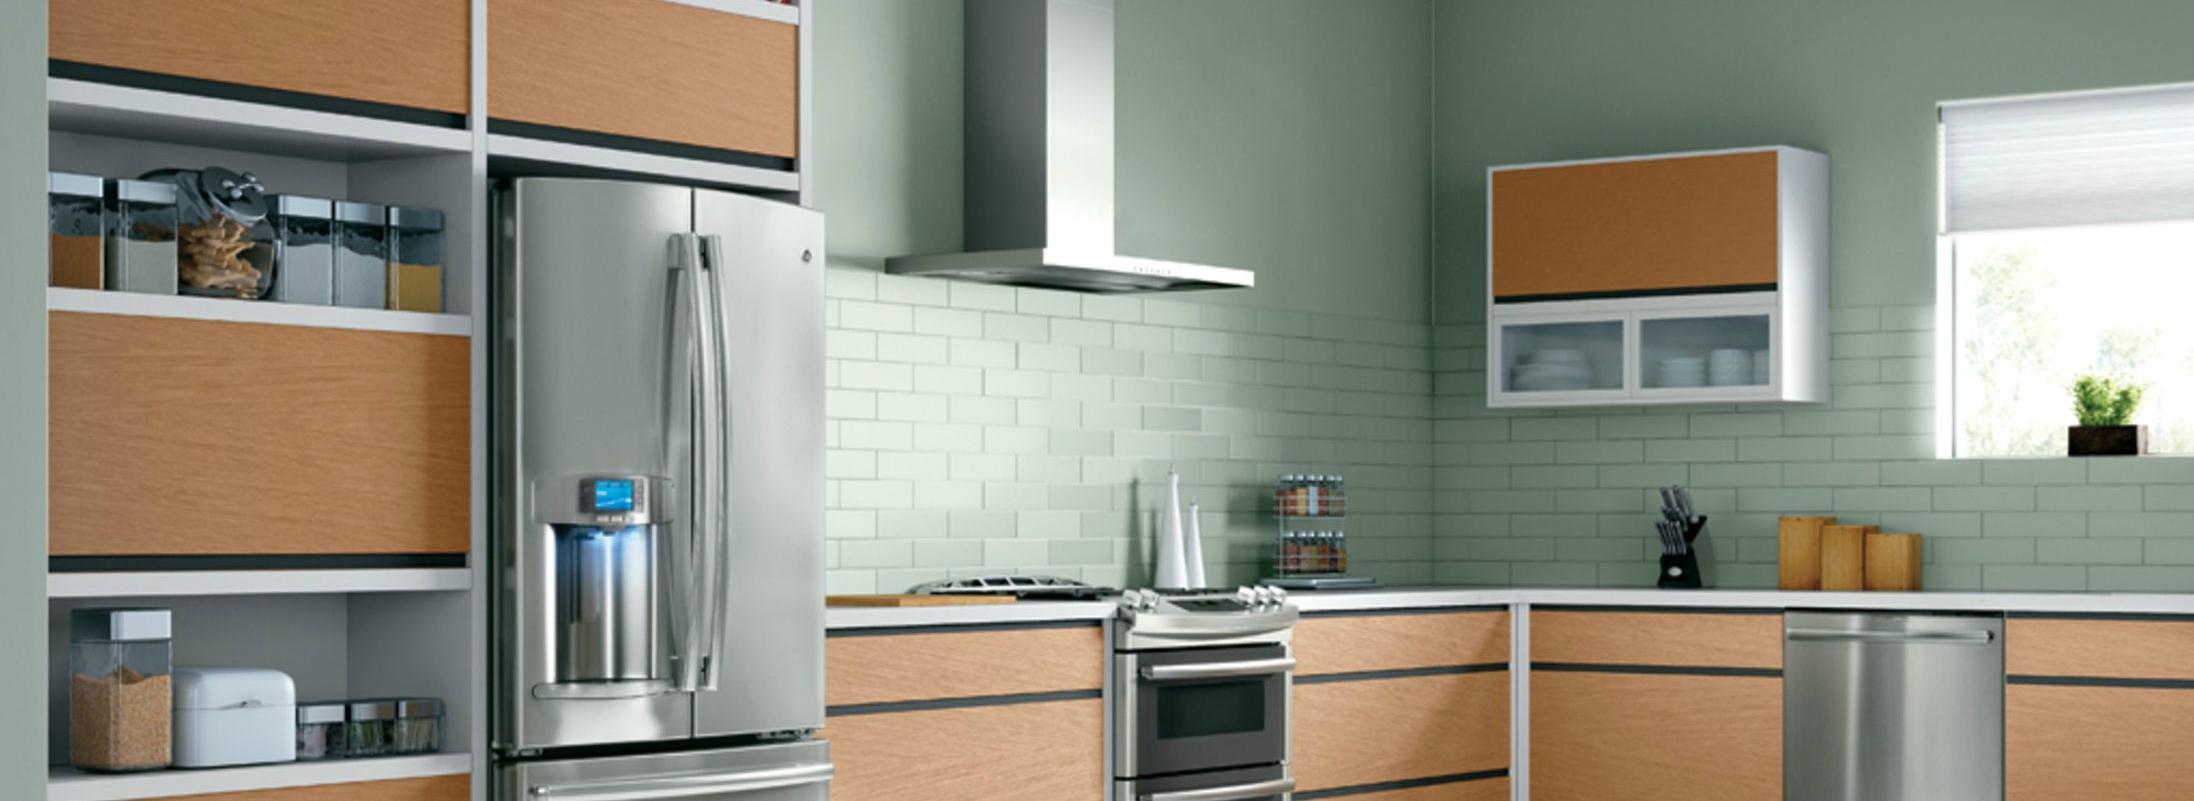 5 patarimai funkcionalios virtuvės įrengimui